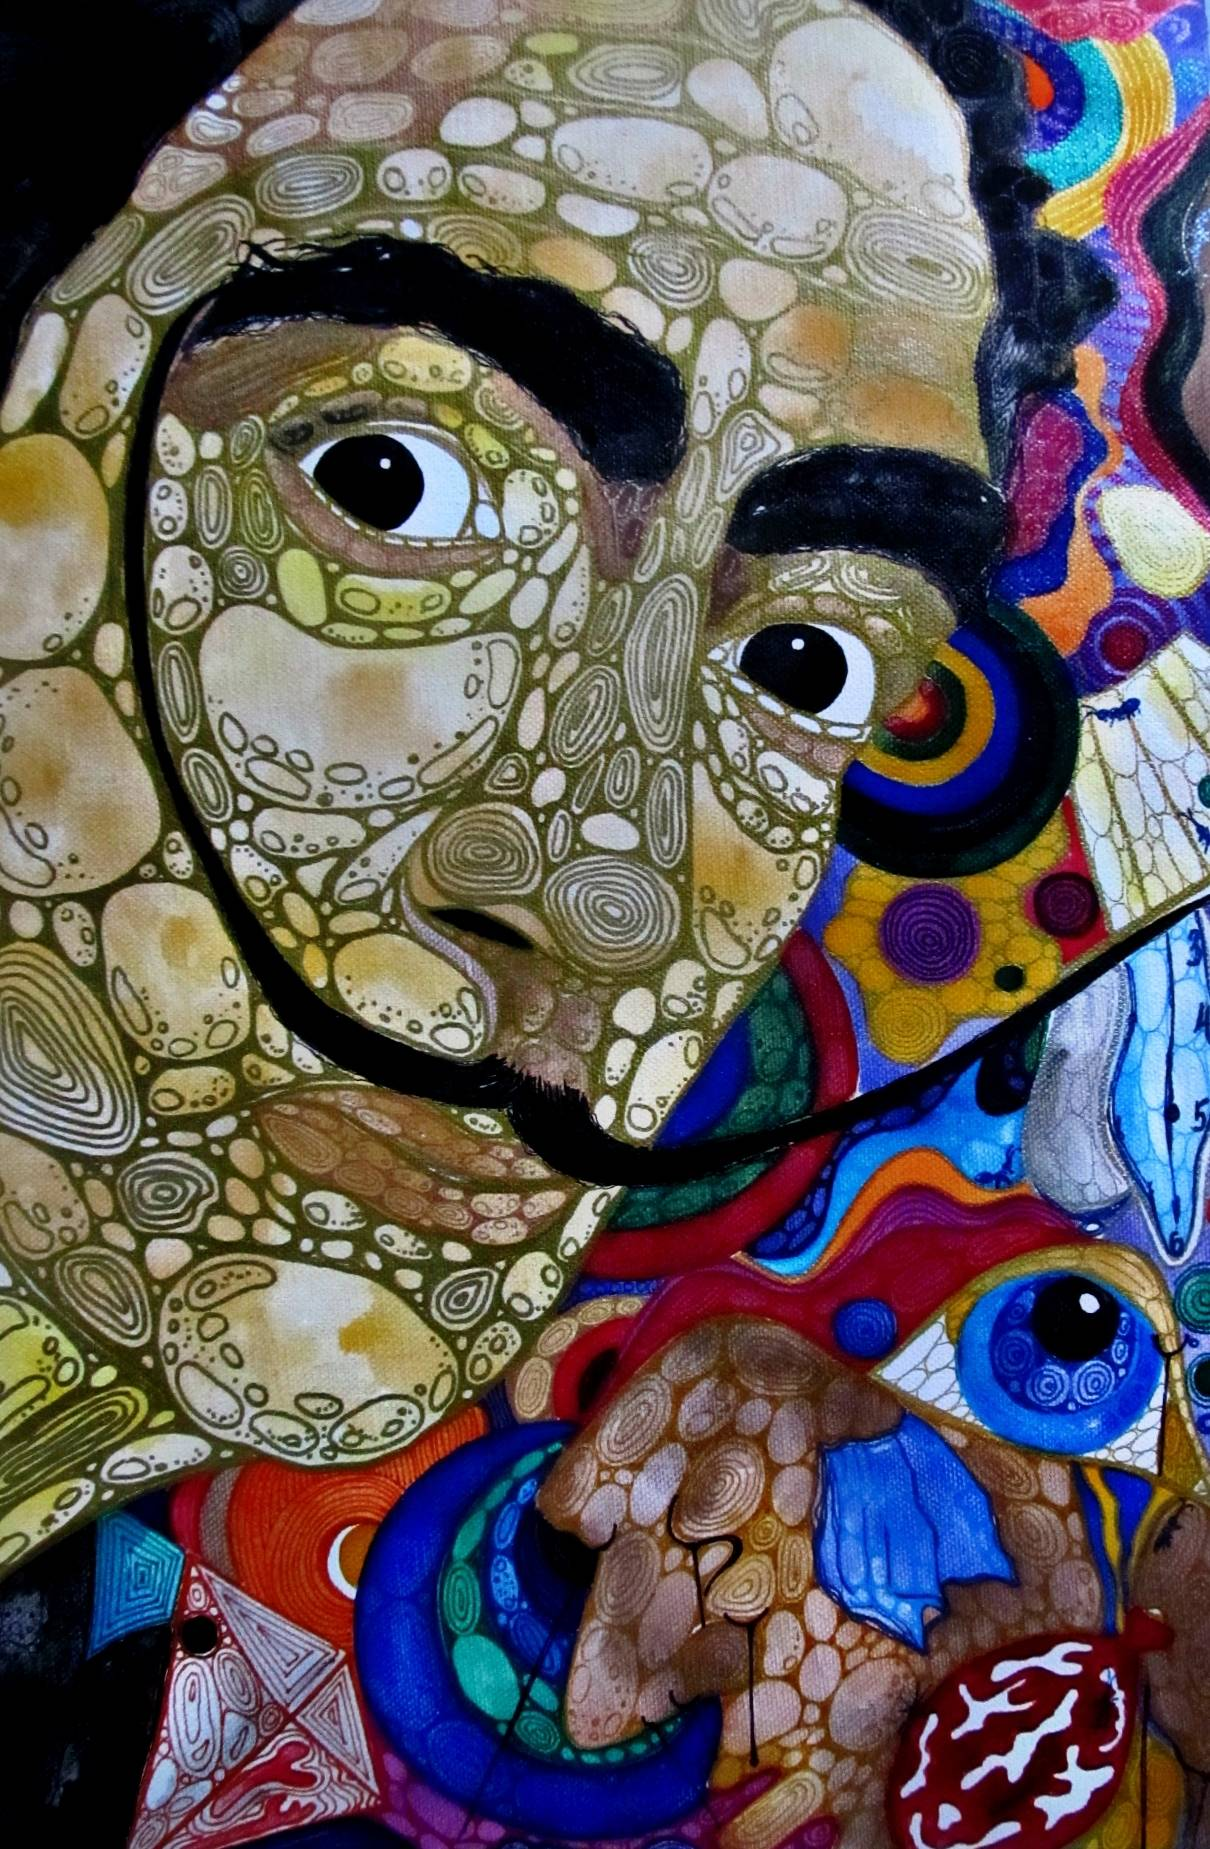 """Картина """"Сальвадор Дали"""". Материалы: холст, акварель, контуры. Размер: 40 х 30 см"""